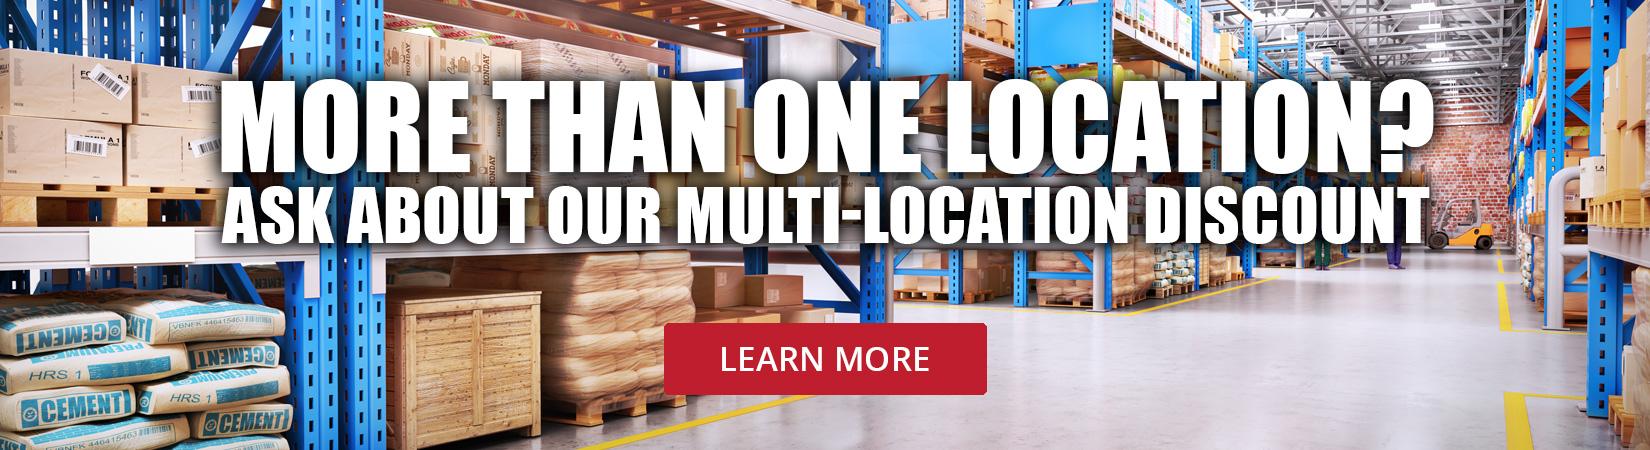 Multi-location Discount Ad